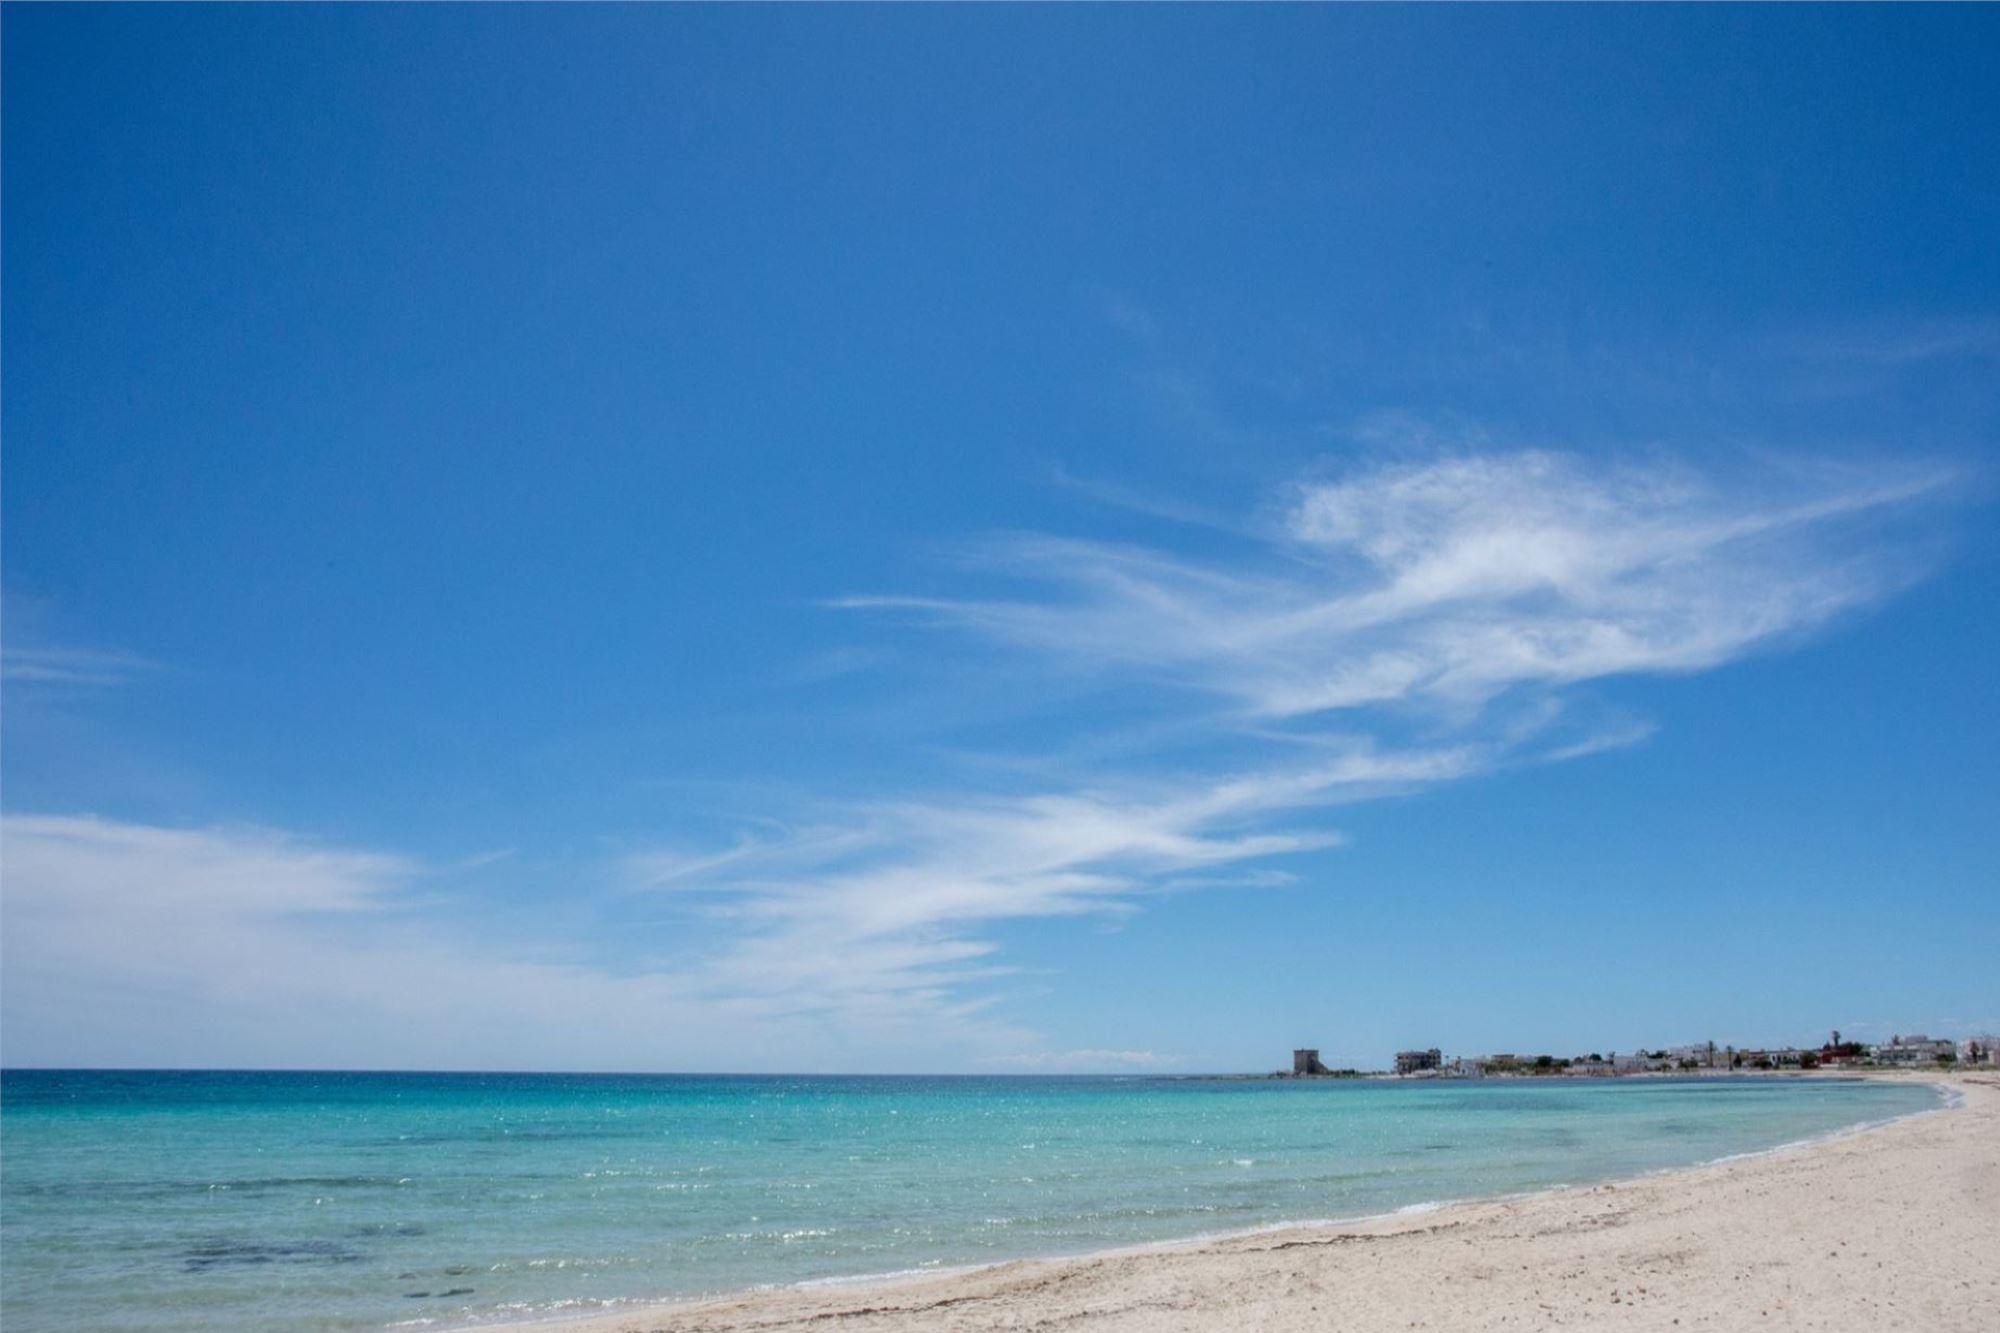 Bilocale Bianca SX, vicino alle spiagge belle del Salento